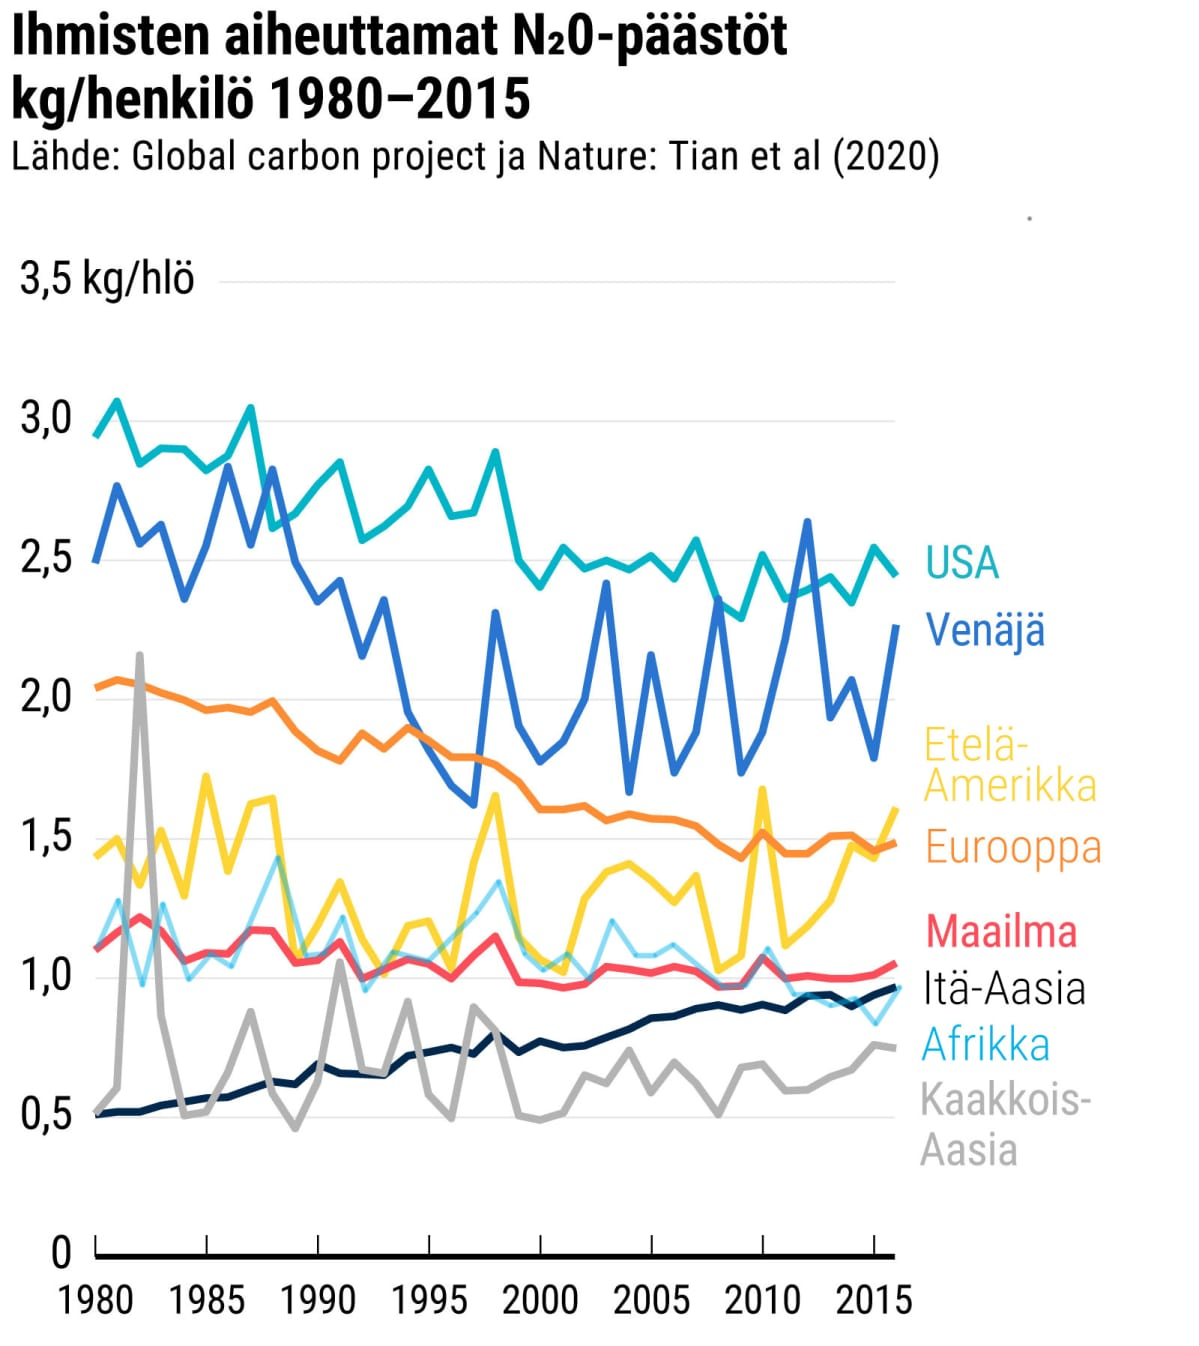 Ihmisten aiheuttamat N20-päästöt kg/henkilö 1980-2016